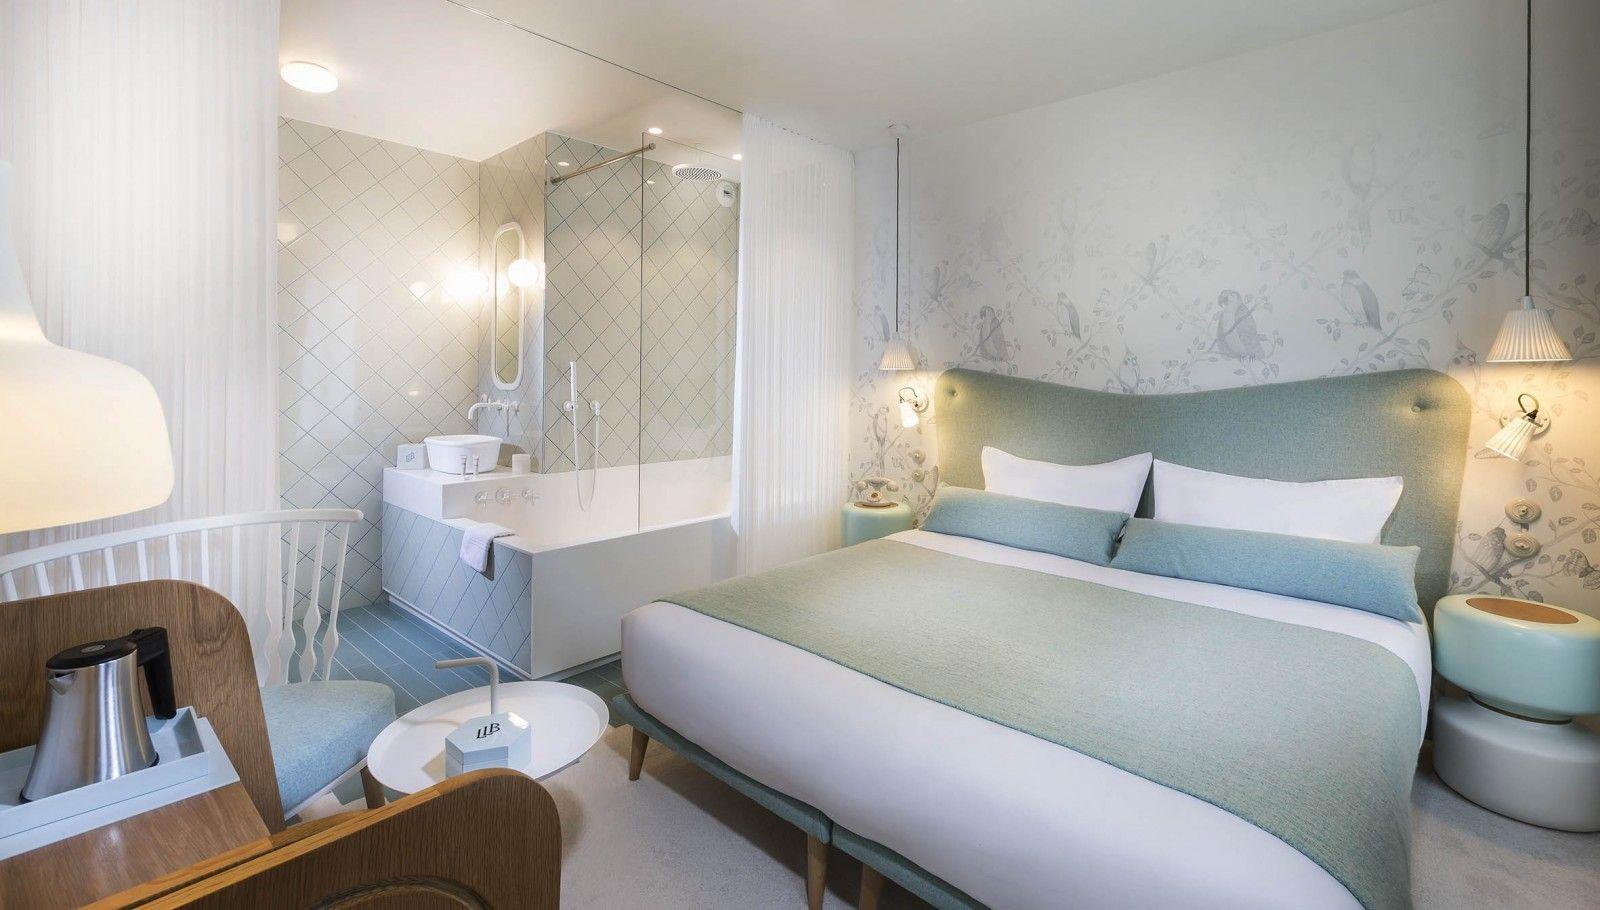 Hôtel Le Lapin Blanc Paris | Hôtel près de la cathédrale Notre-Dame ...